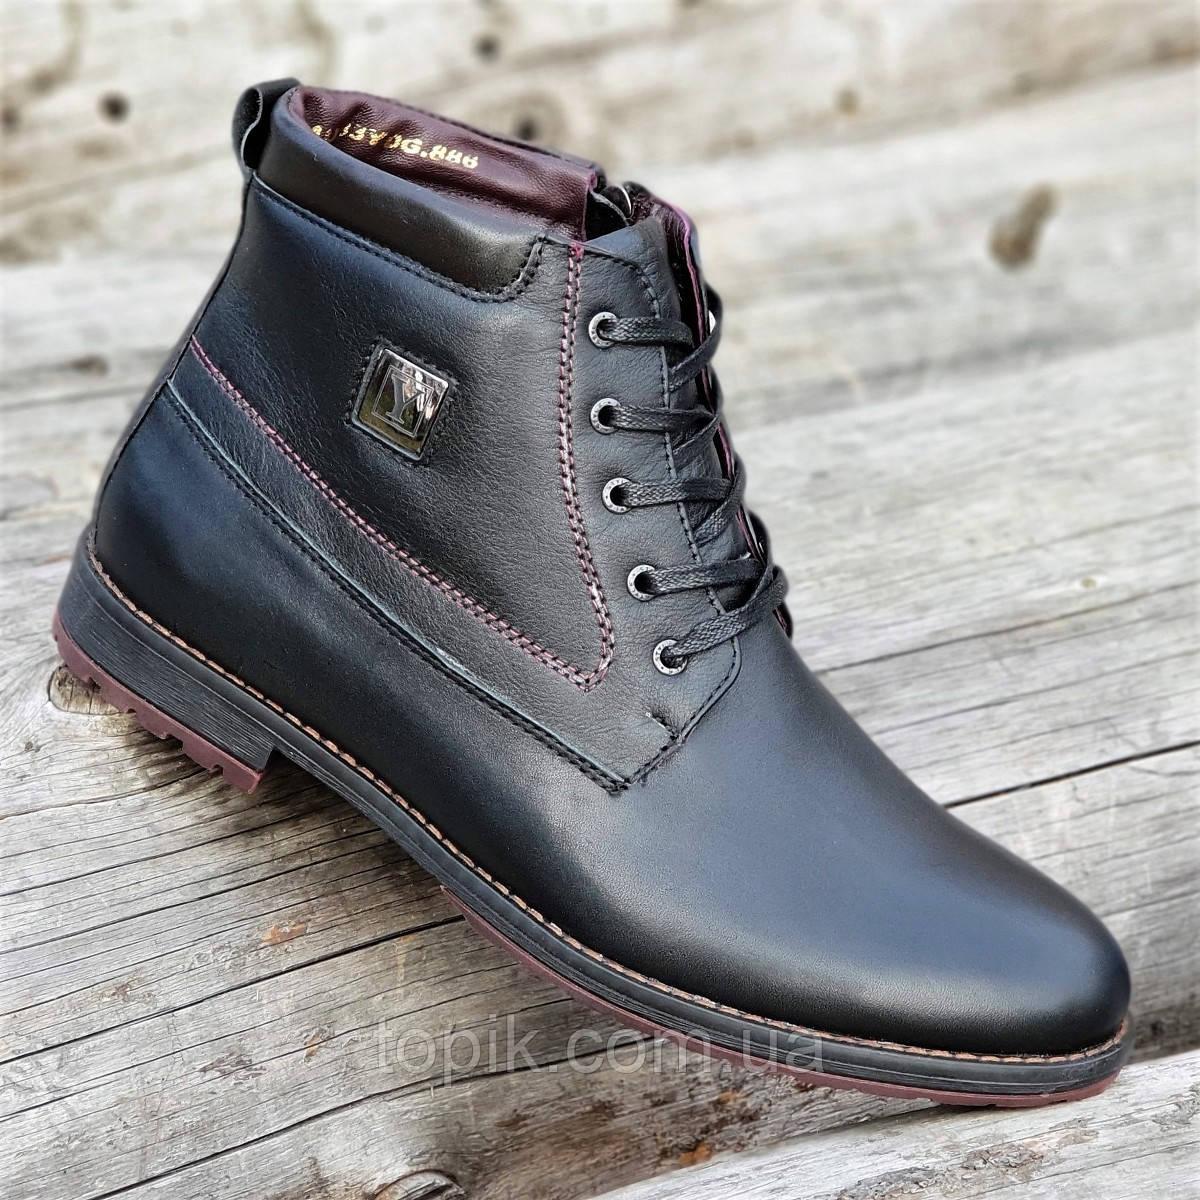 cdb3cf6550ef Мужские зимние ботинки классические на шнурках и молнии черные кожаные на  меху стильные (Код  1308)